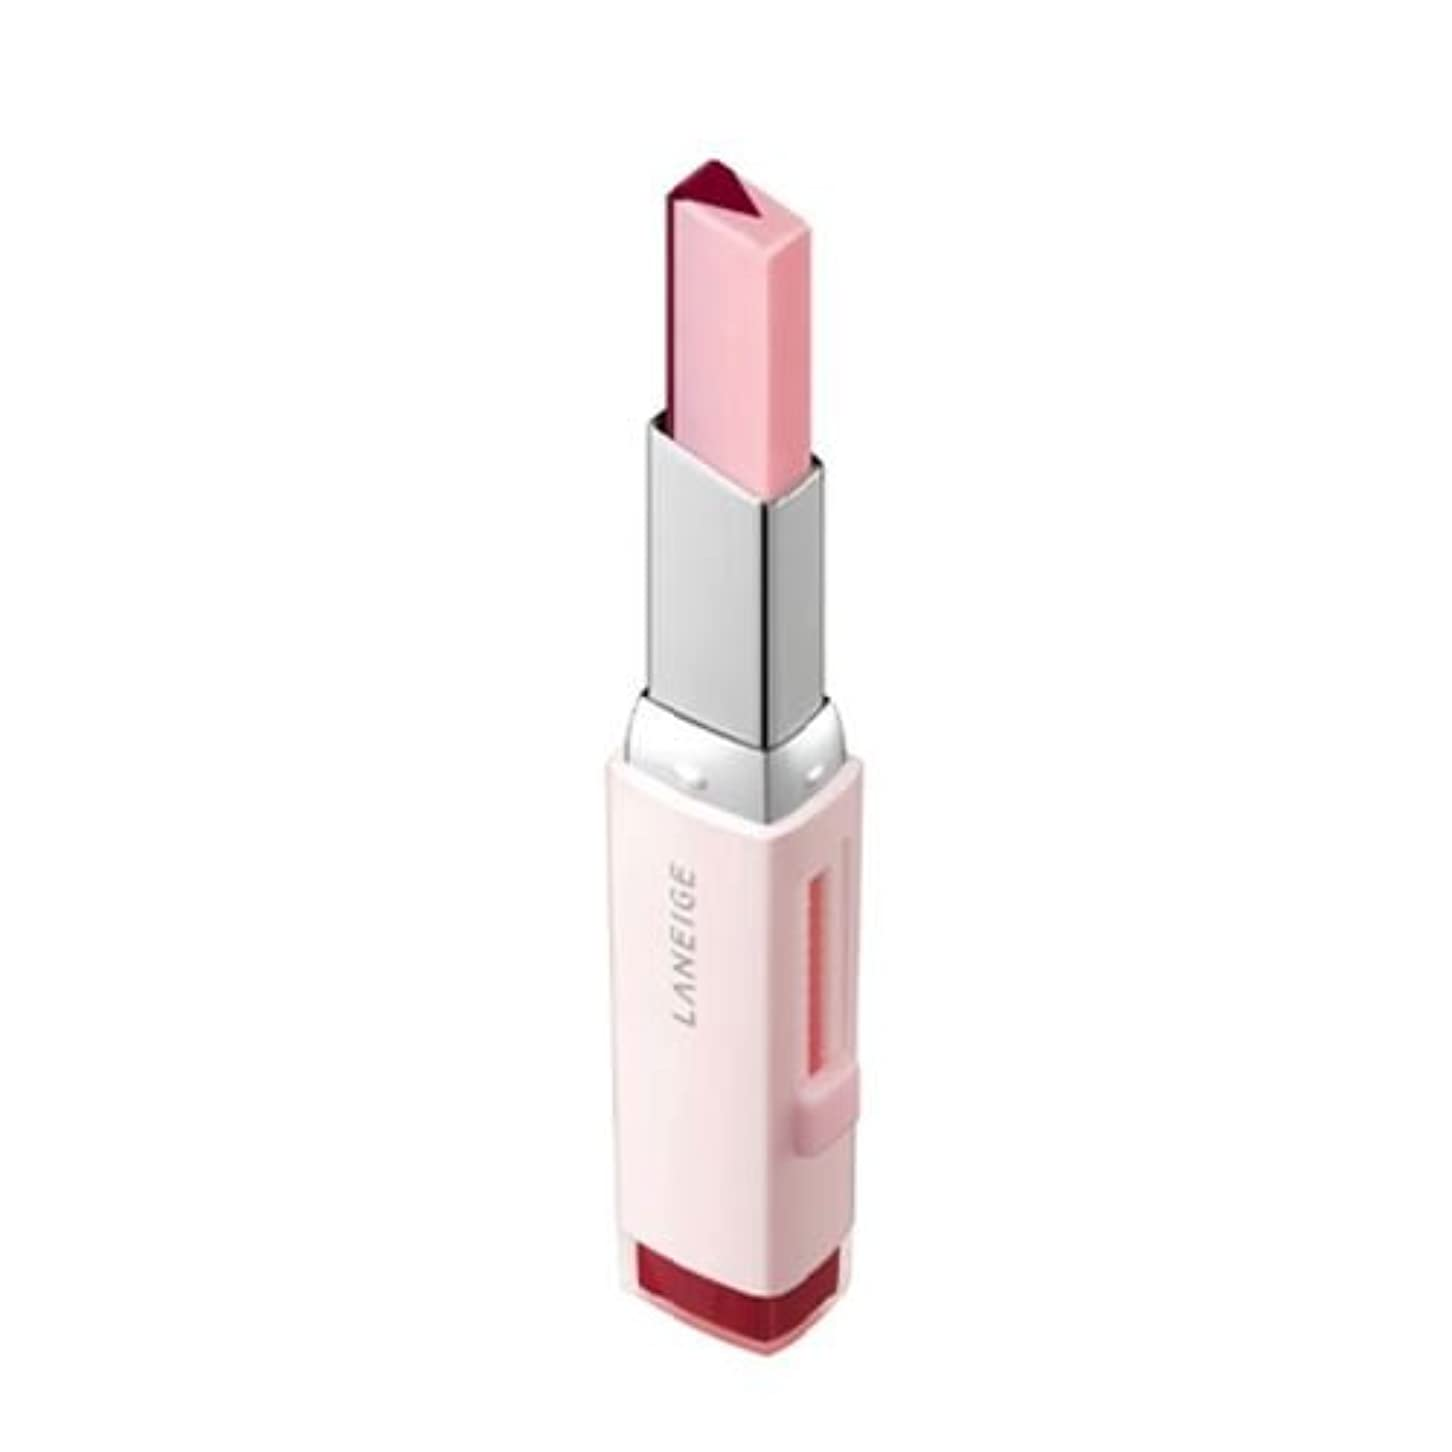 大事にする主観的区別する[New] LANEIGE Two Tone Tint Lip Bar 2g/ラネージュ ツー トーン ティント リップ バー 2g (#08 Cherry Milk) [並行輸入品]